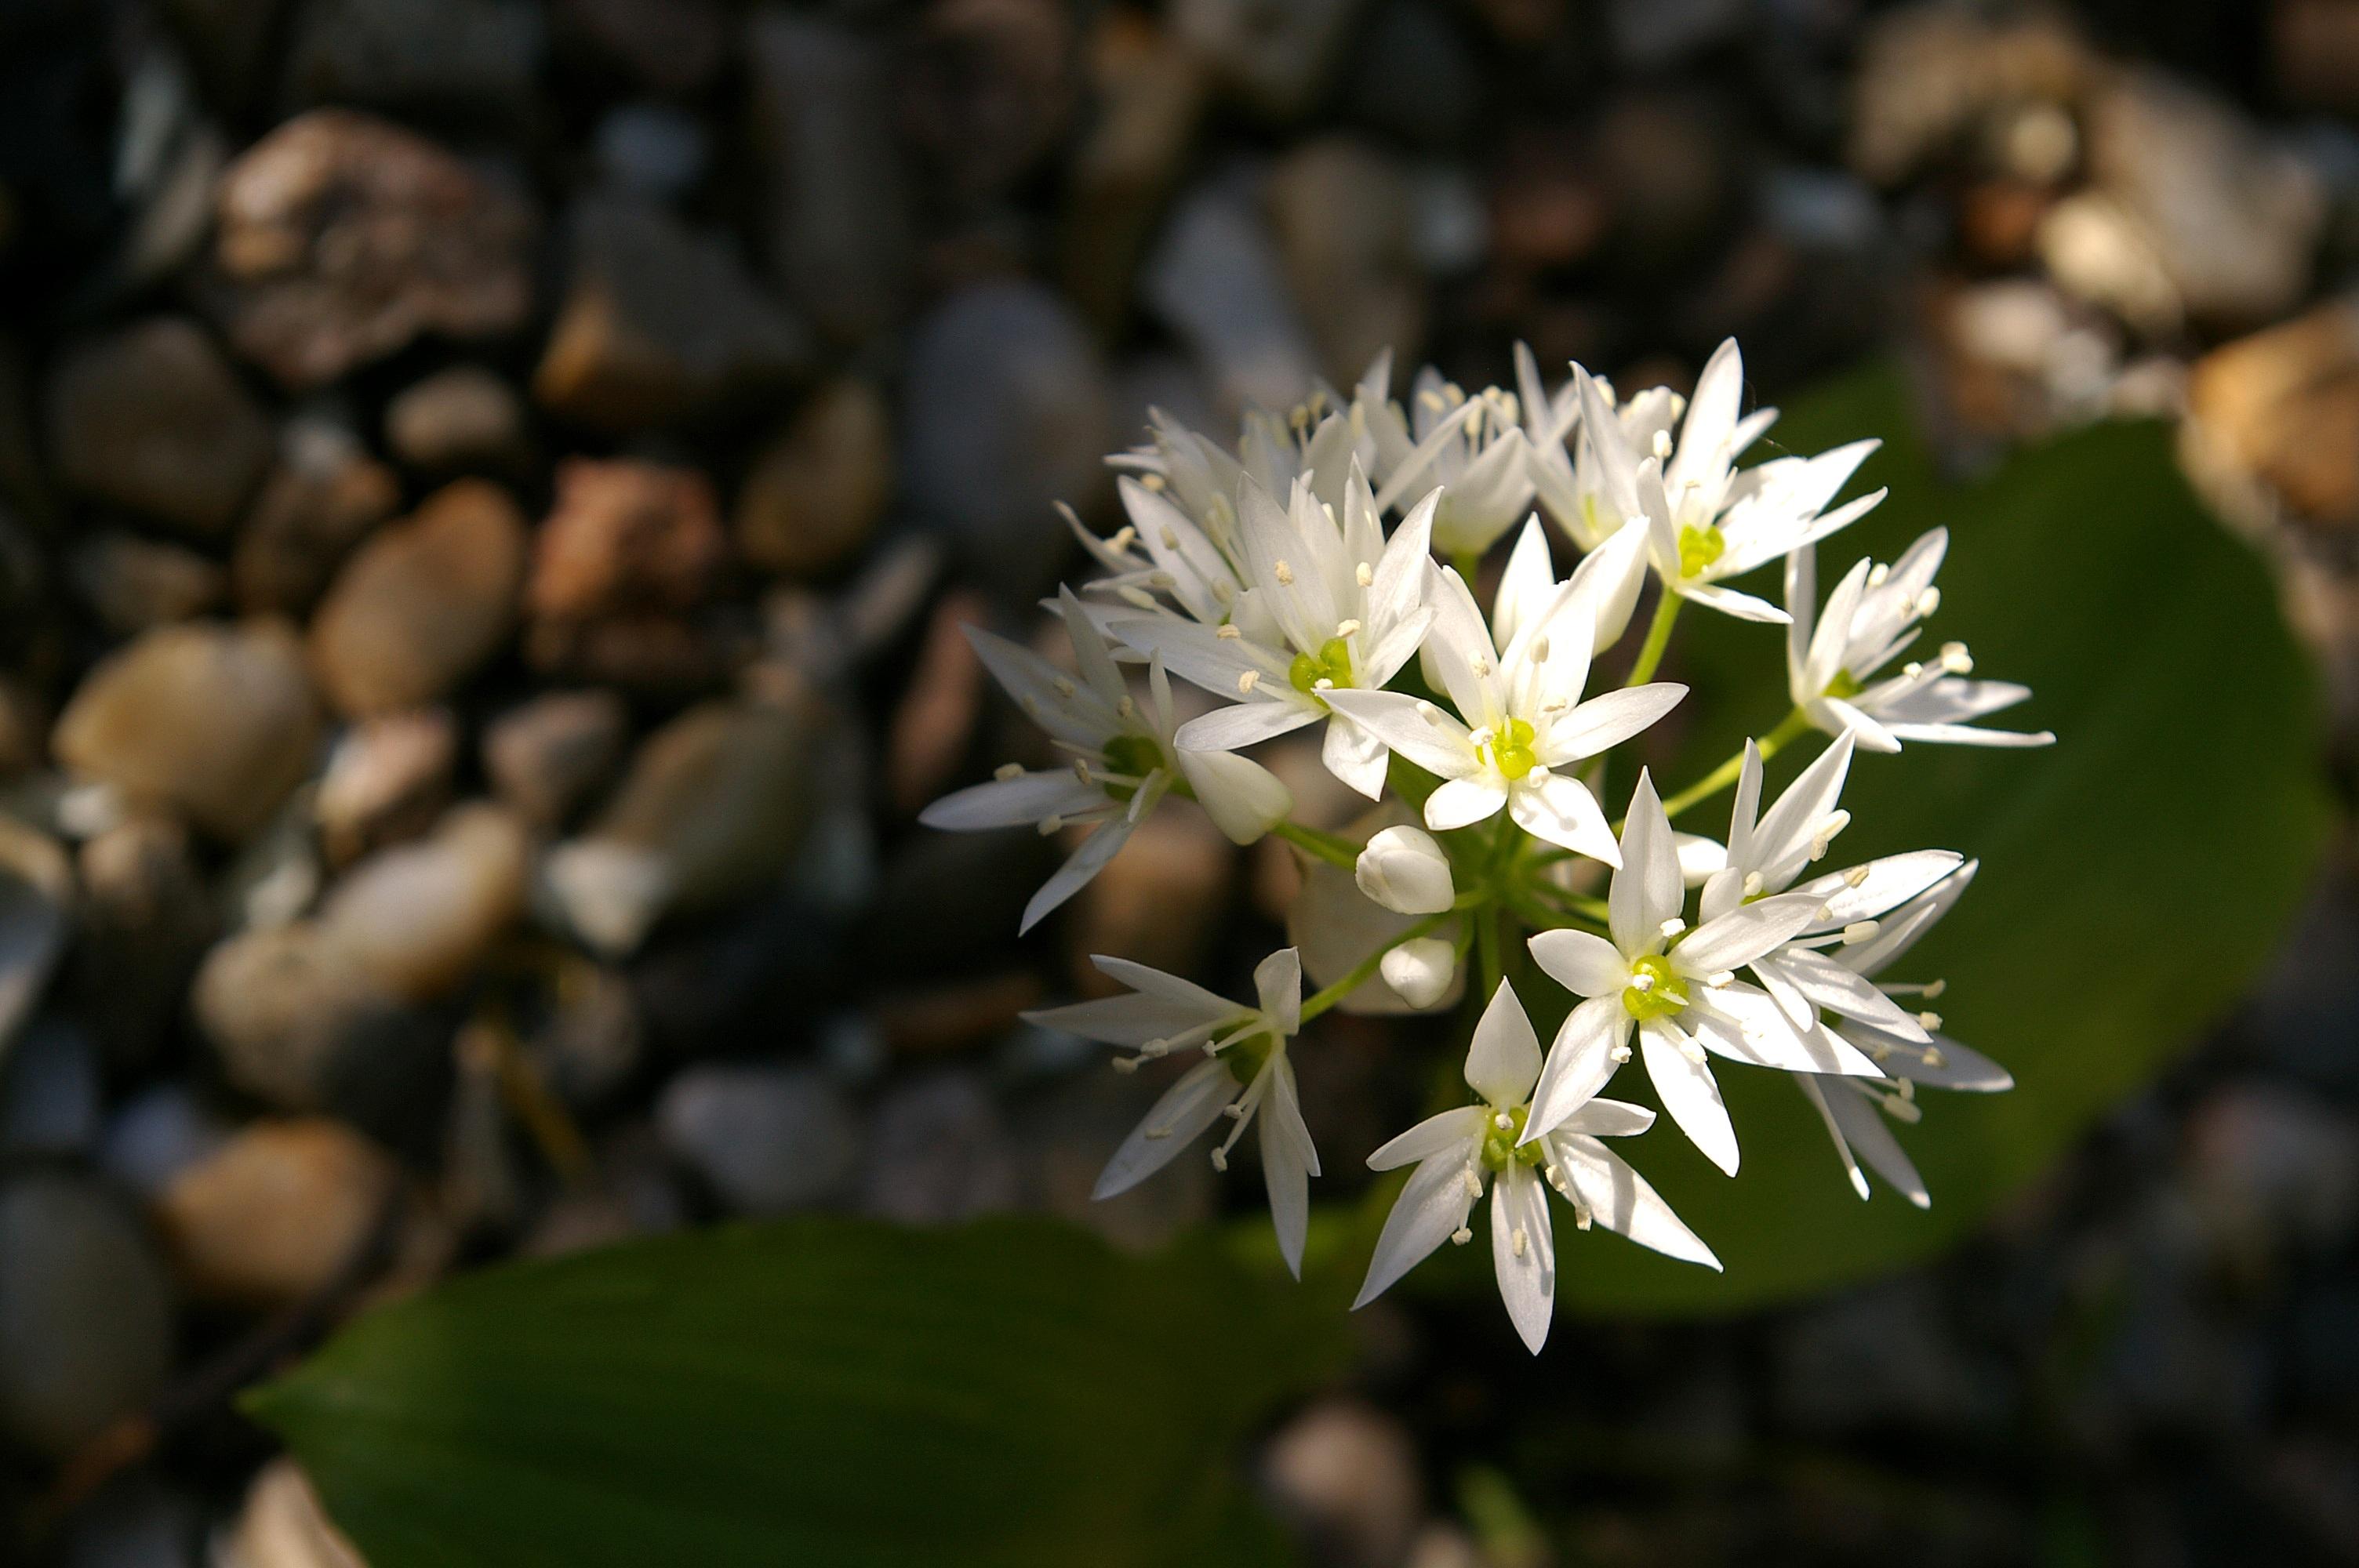 Images Gratuites La Nature Blanc Feuille Floraison Aliments